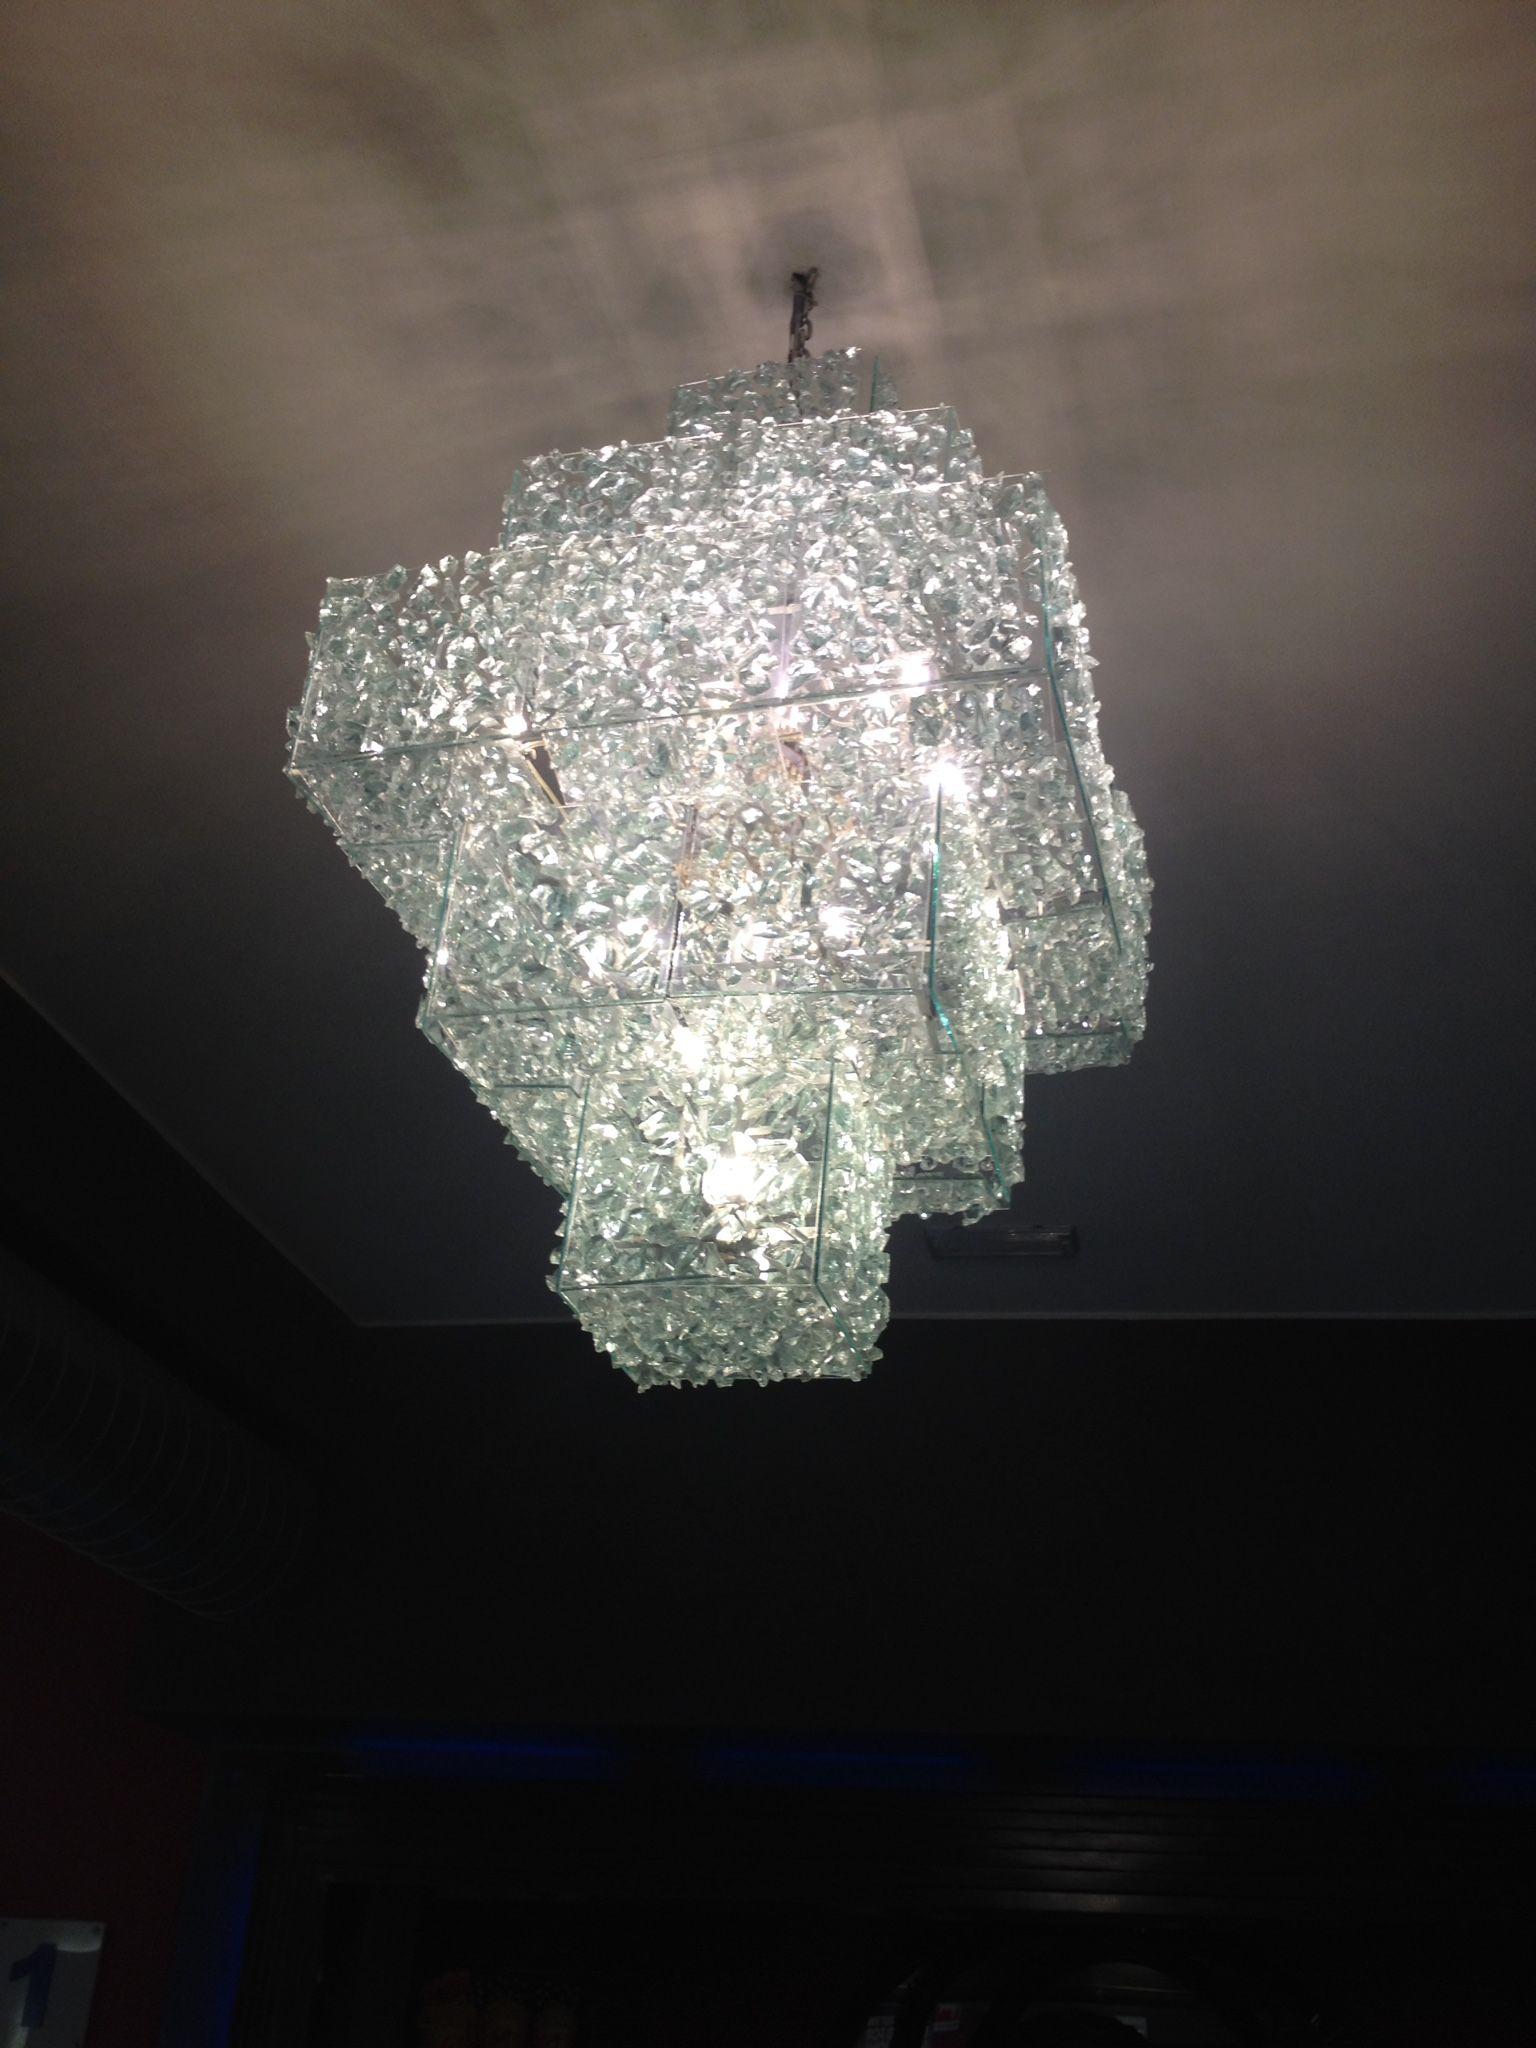 Fabrication sur mesure de tout luminaires de luxe Ici un lustre